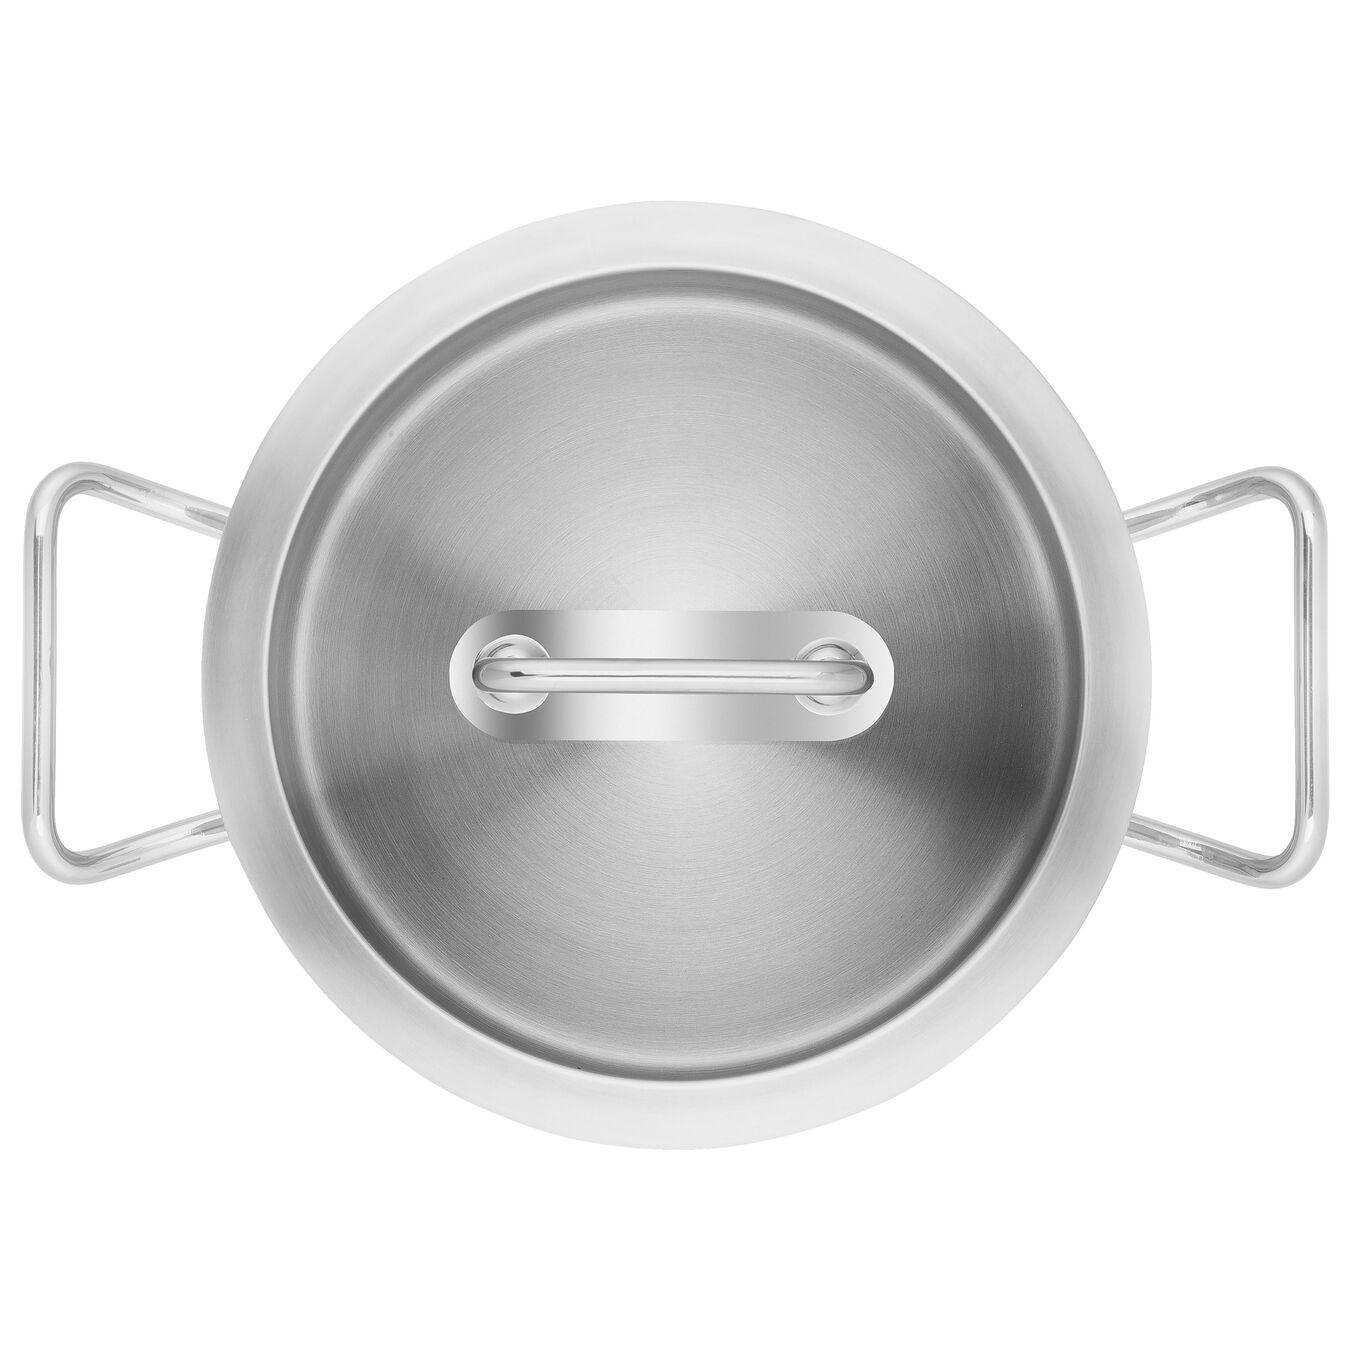 Sığ Tencere | 18/10 Paslanmaz Çelik | 24 cm | Metalik Gri,,large 5